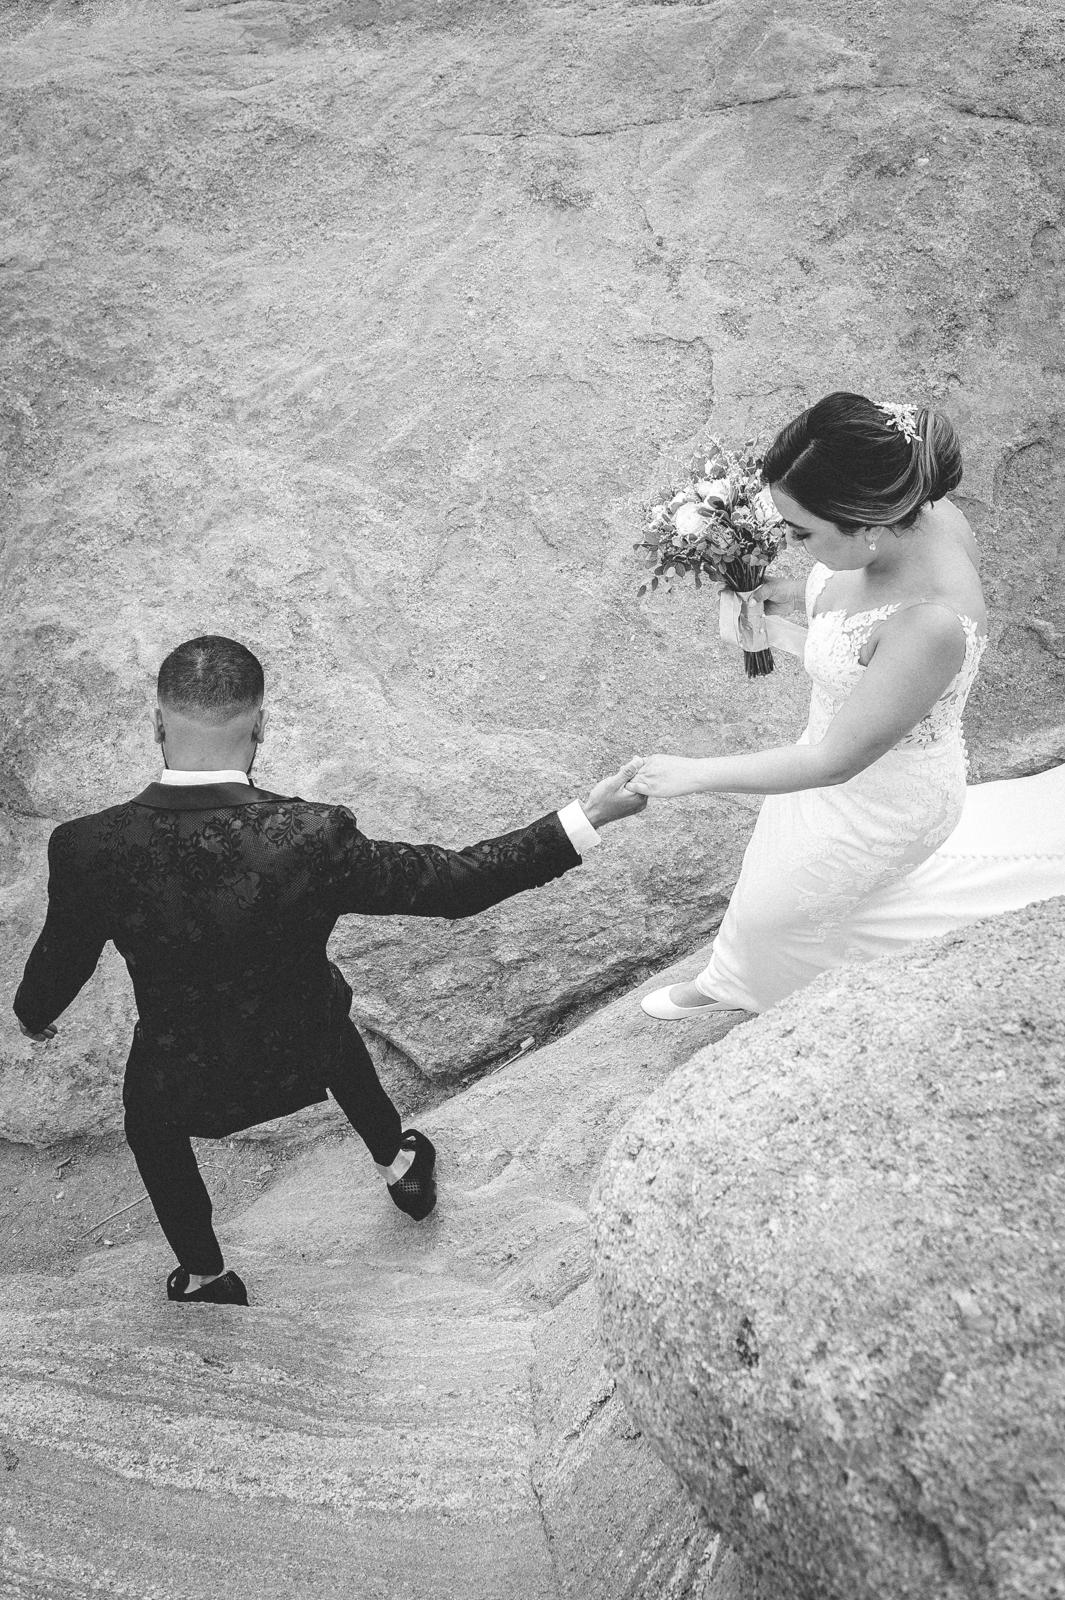 ChadFahnestockPhotography-wedding-photography-portfolio-003-2.jpg